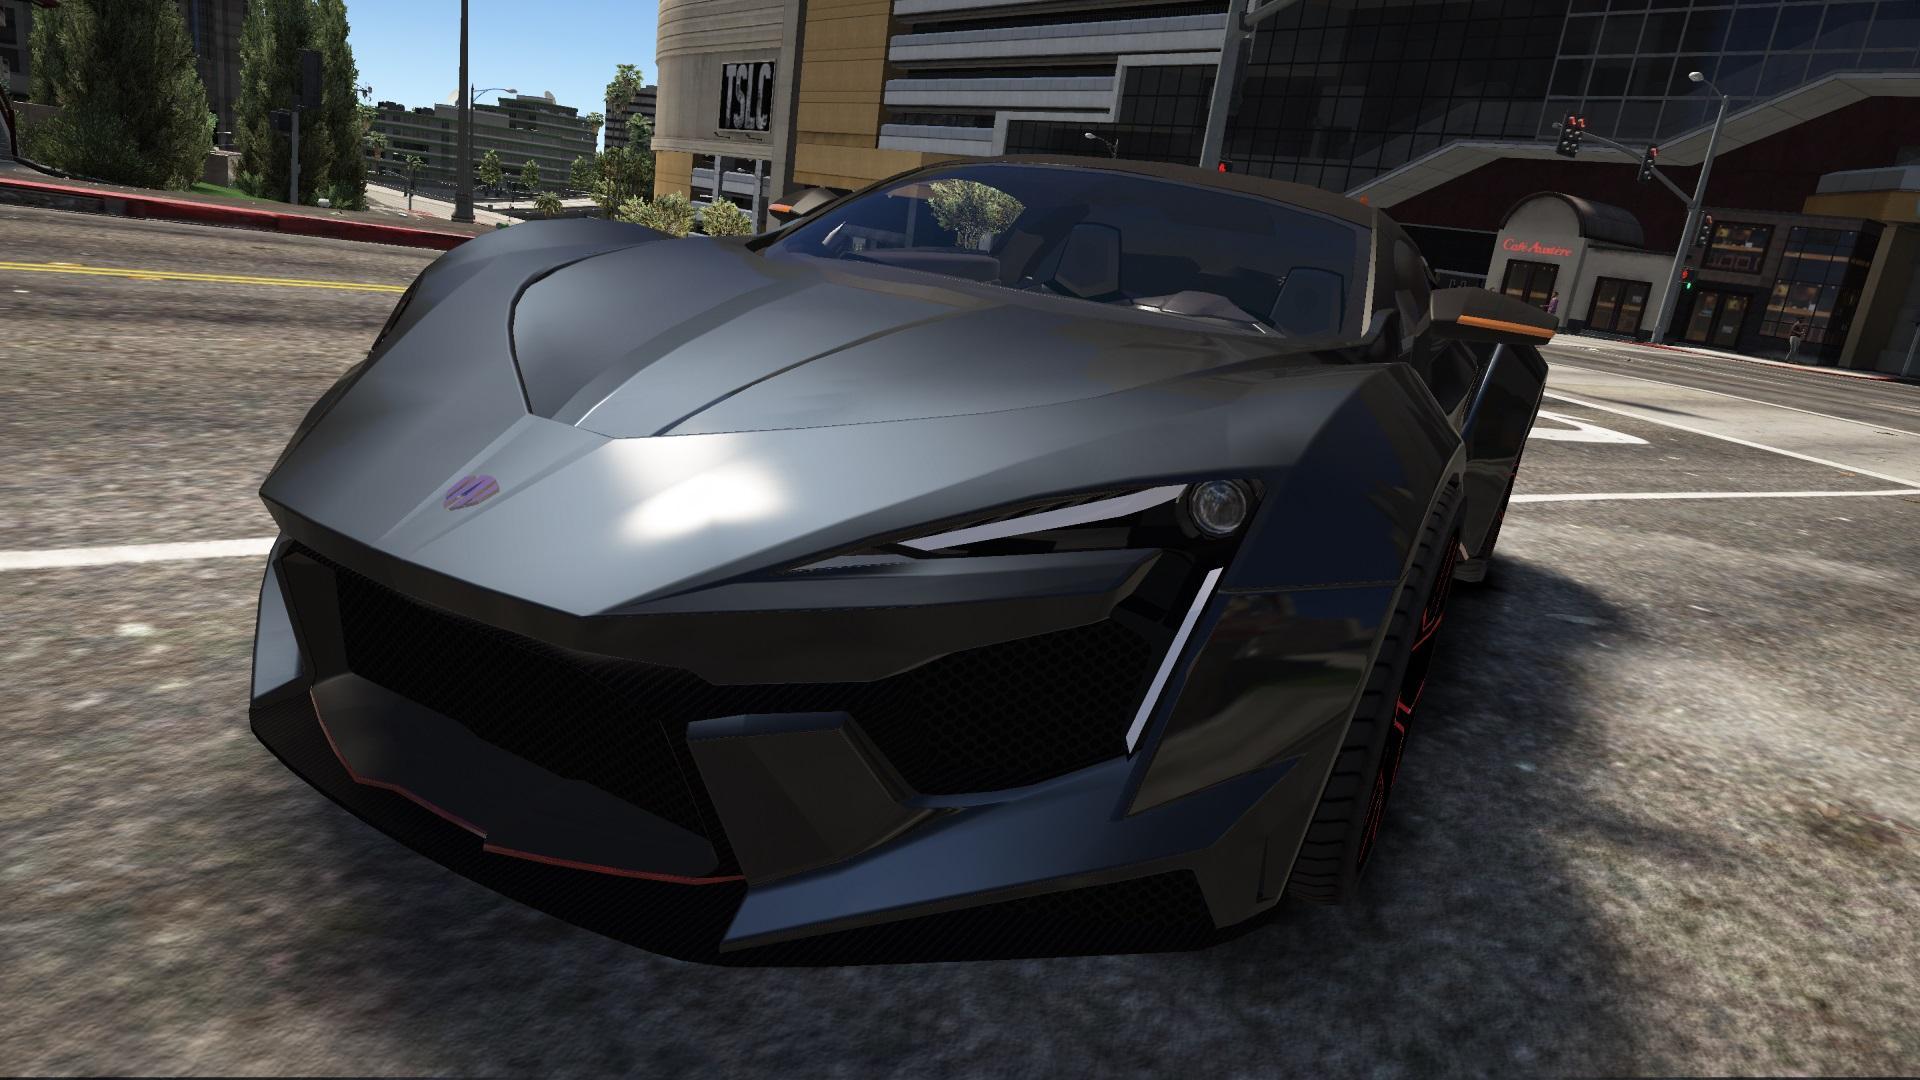 W Motors Fenyr >> W Motors Fenyr Supersport [Add-On | Unlocked | Automatic Spoiler] - GTA5-Mods.com